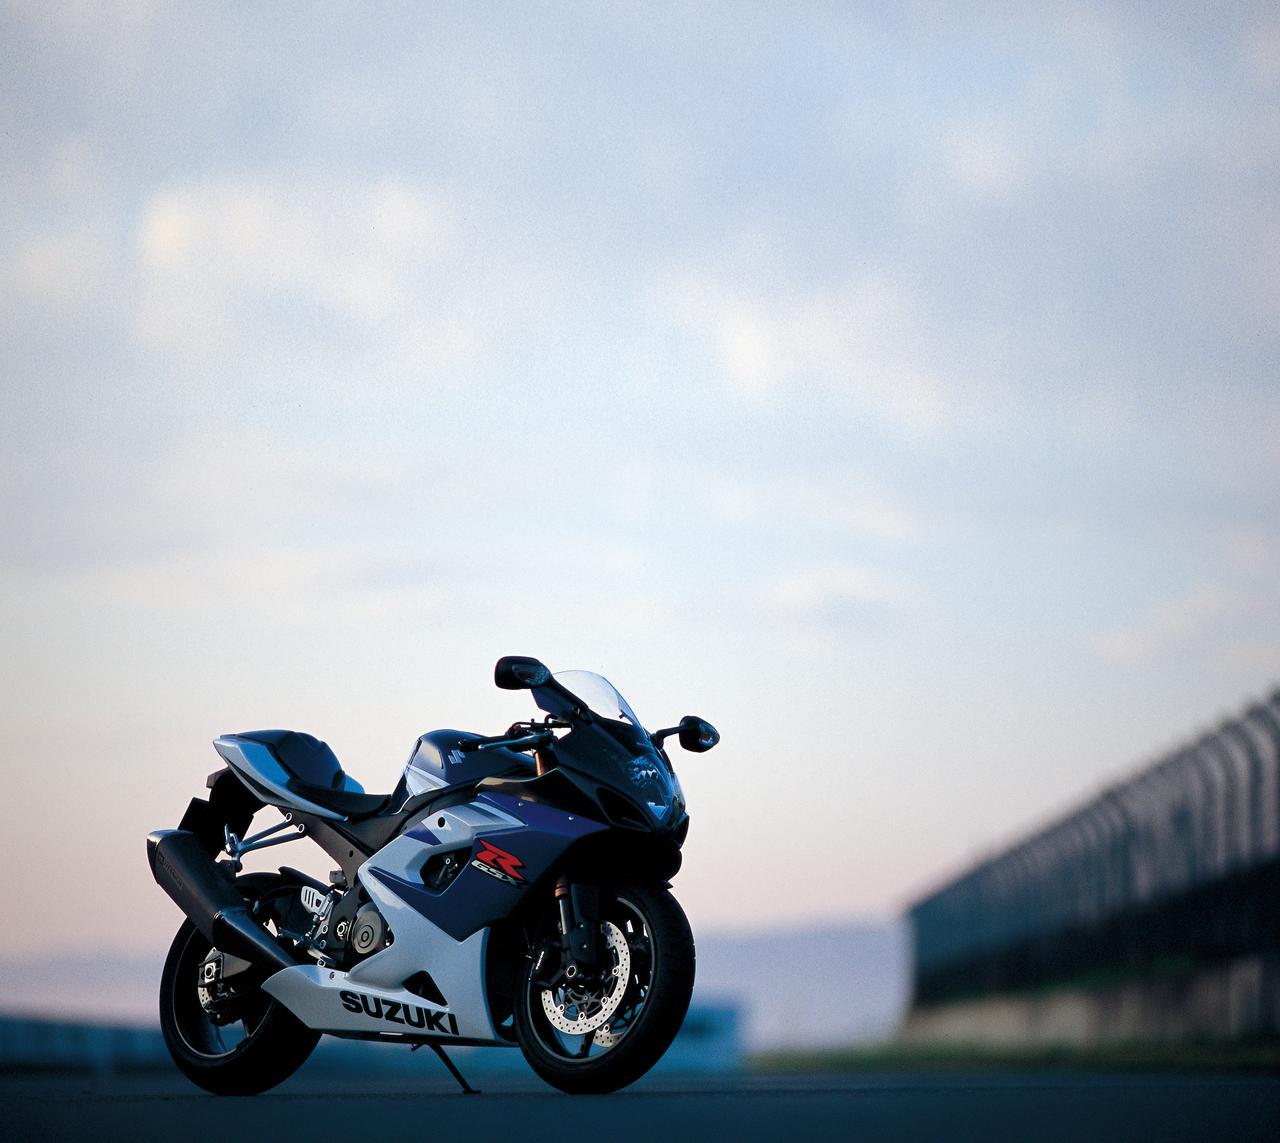 画像2: バイクにも「当たり年」がある? 「K5」が傑作と呼ばれる理由『SUZUKI GSX-R1000』